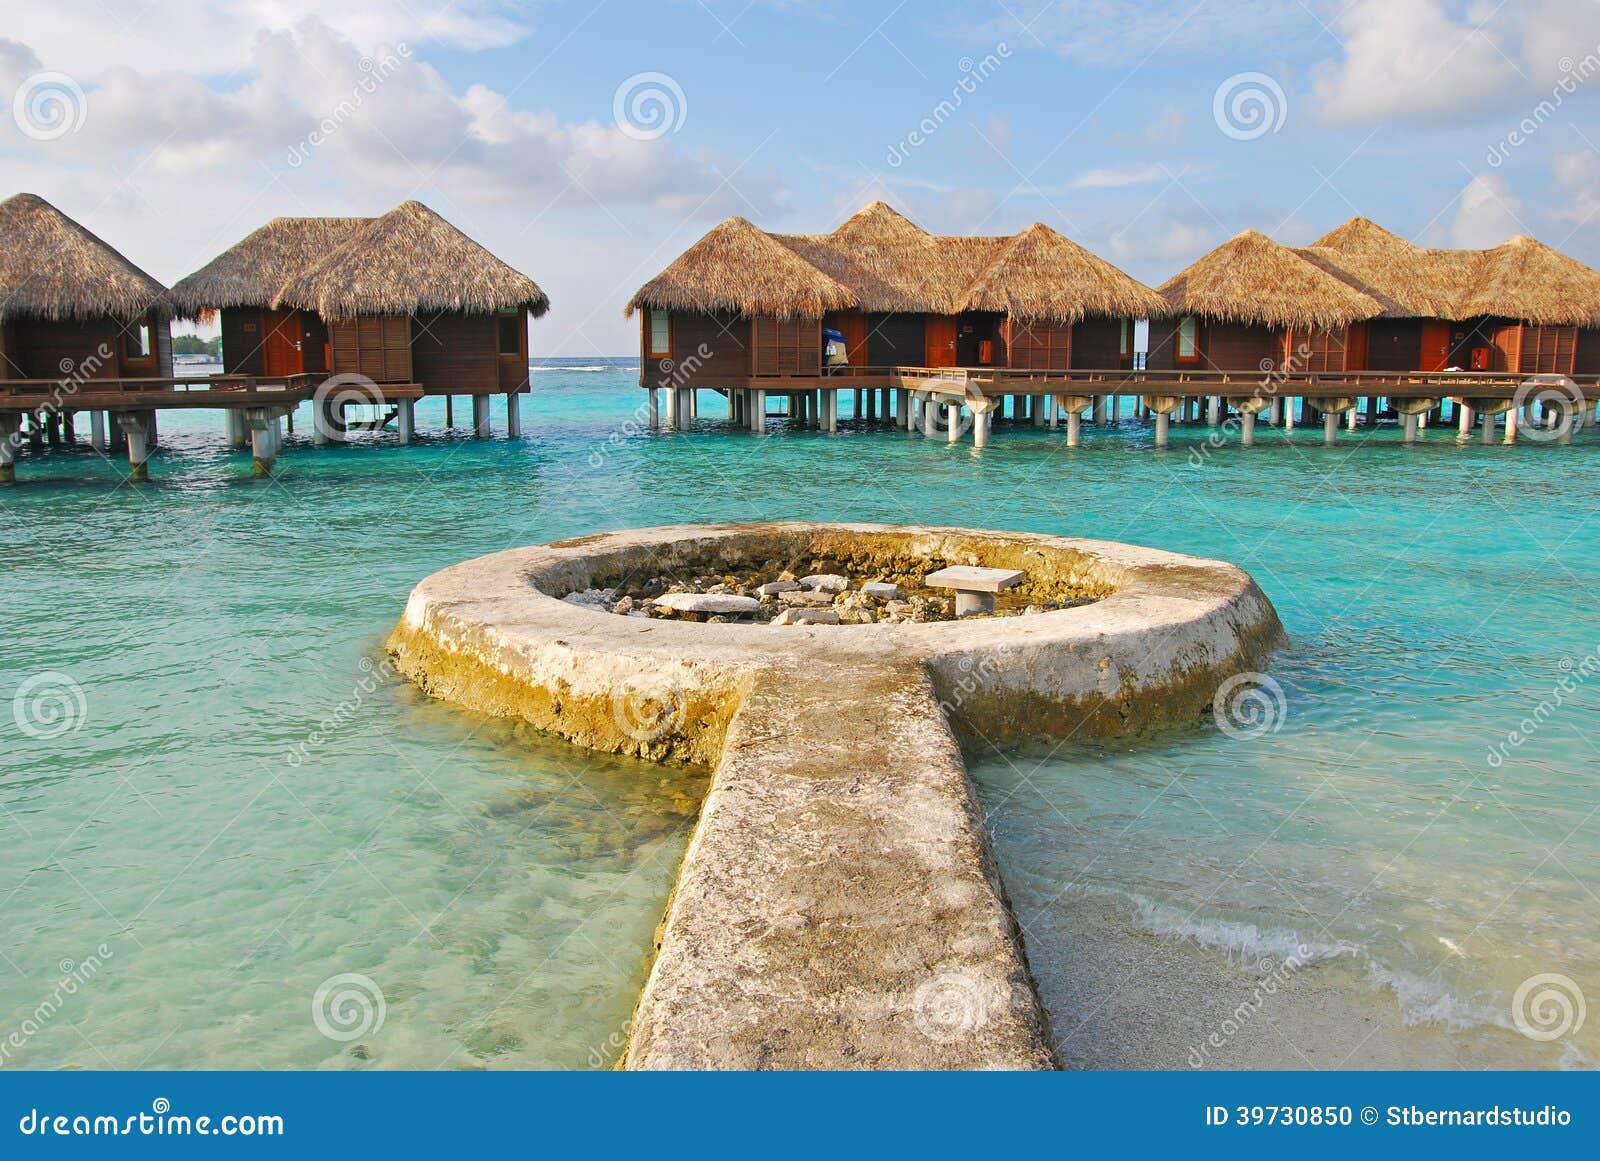 Langerwartete Insel-Ferien auf Overwater-Bungalow